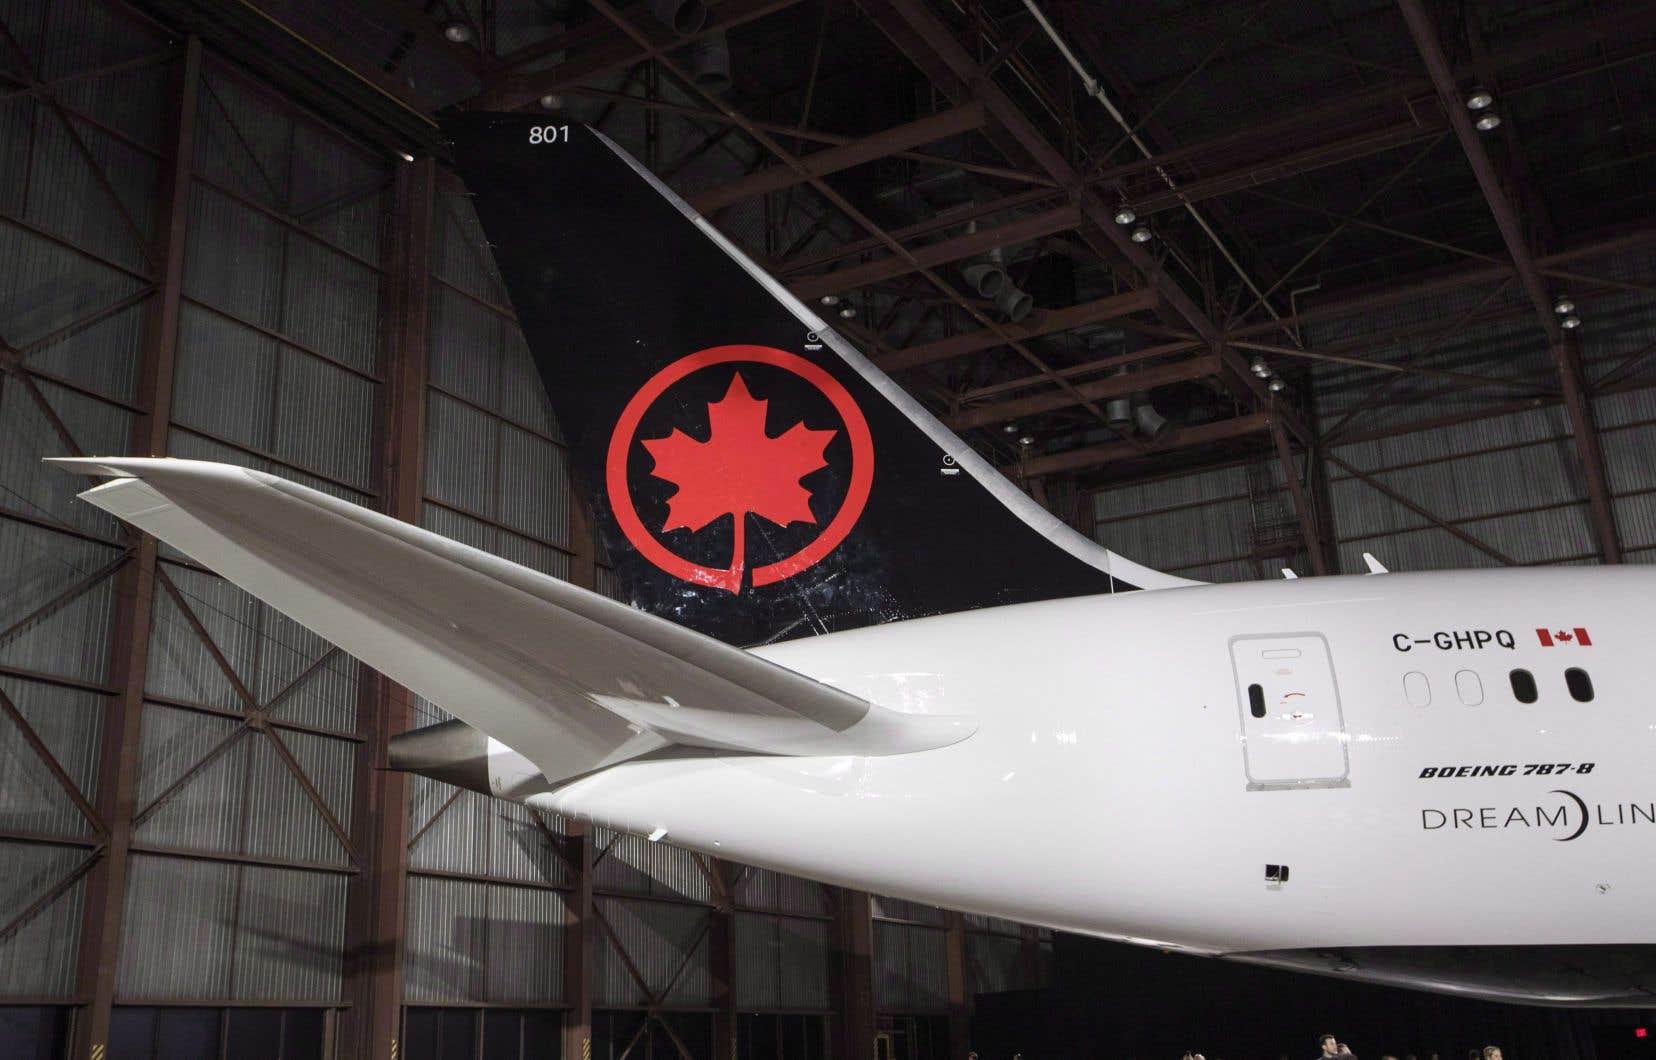 Le président et chef de la direction d'Air Canada, Calin Rovinescu, a déclaré que la transaction, «si elle se concrétise […] permettra la transition harmonieuse des points des membres Aéroplan vers le nouveau programme de fidélisation d'Air Canada qui sera lancé en 2020».